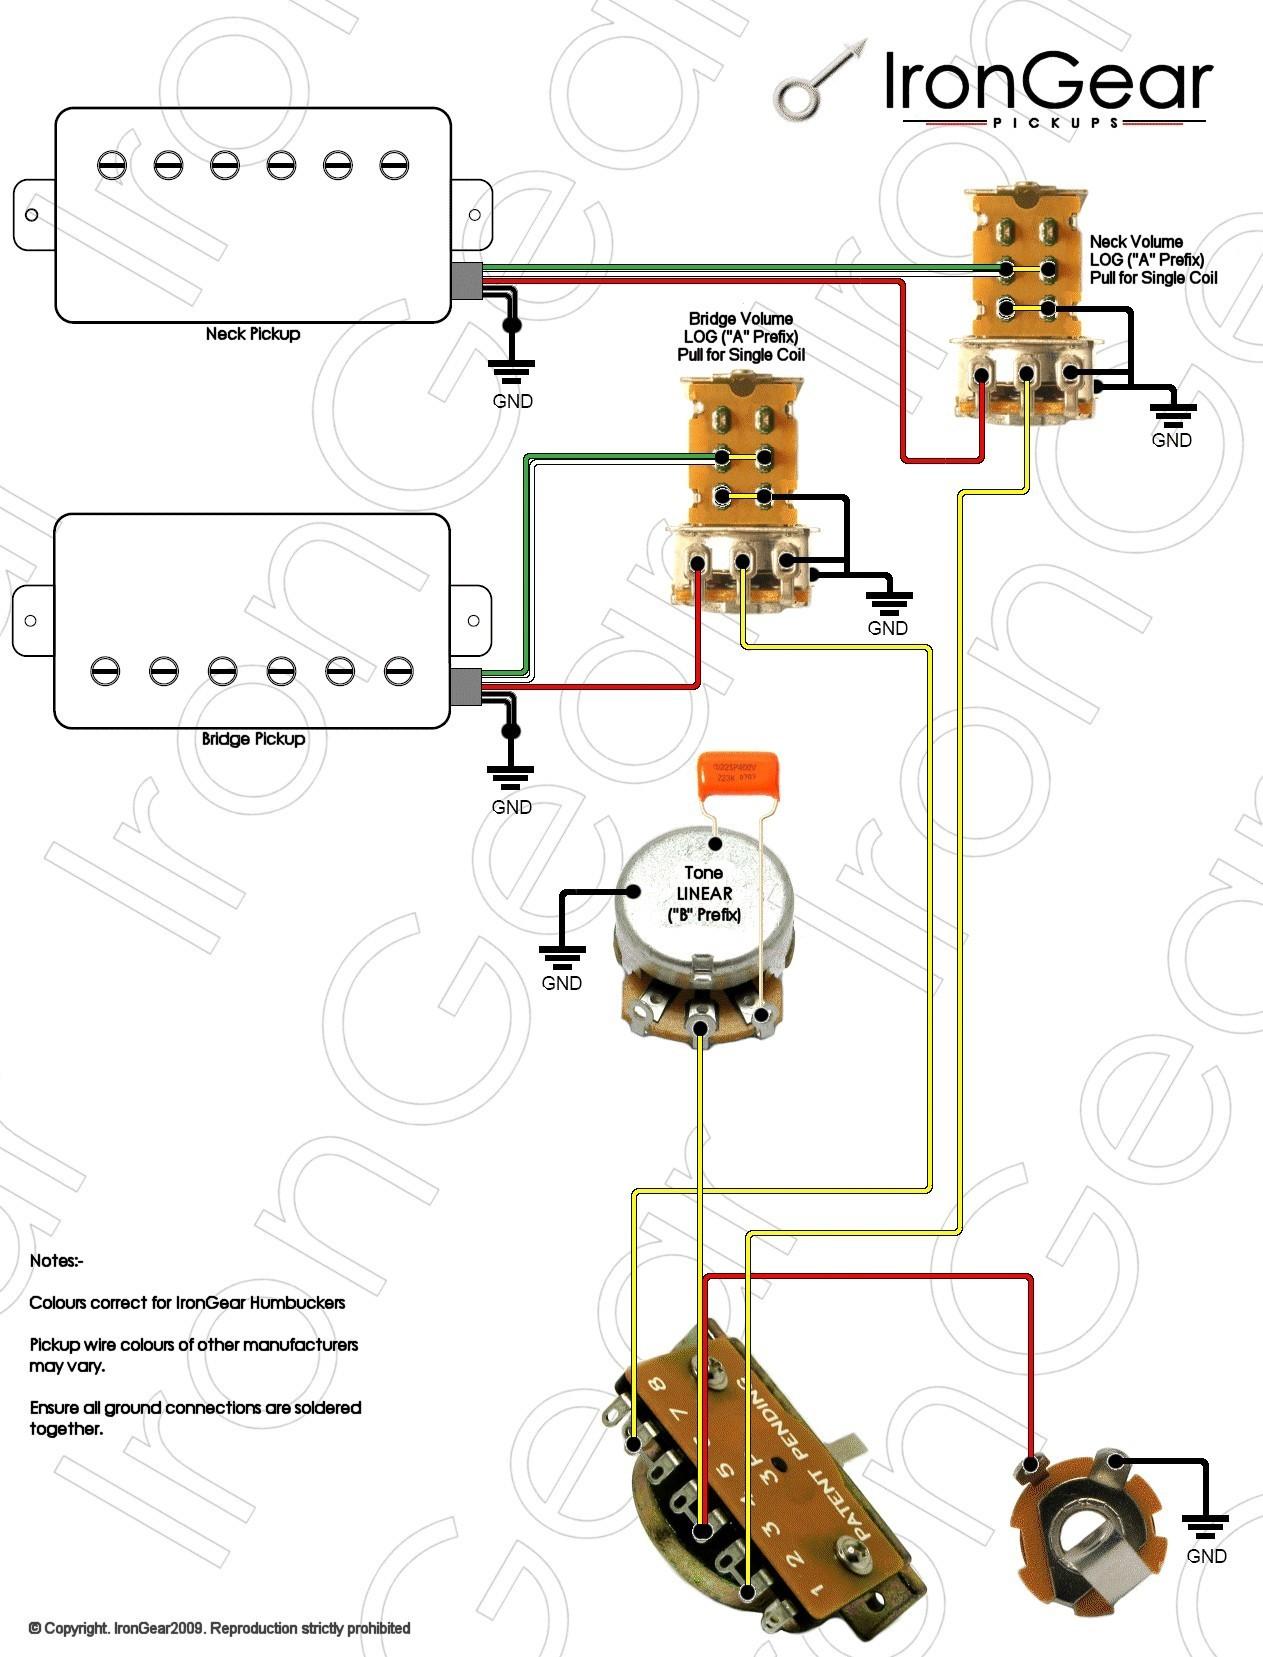 Wiring Diagram Guitar Pickups Fresh Wiring Diagram 3 Pickup Guitar New Guitar Wiring Diagram 2 Humbucker